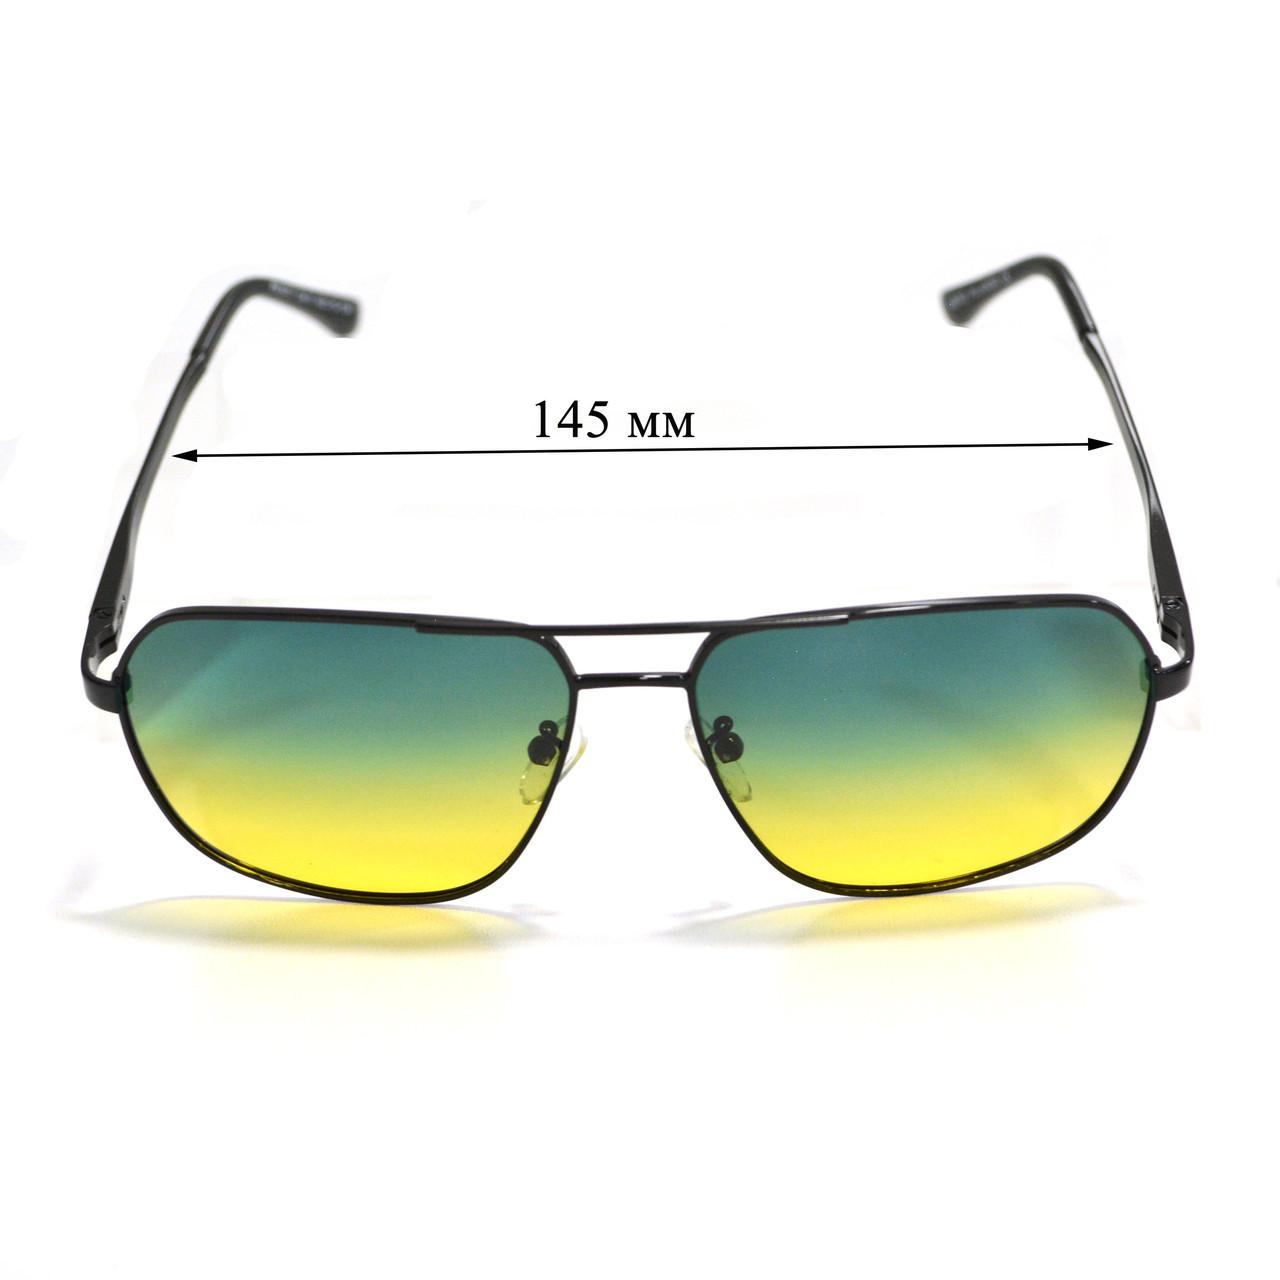 Солнцезащитные поляризационные очки ПОЛАРОИД UV400 тонкая сдвоенная оправа желто зеленые стекла АВТО PX16117 - фото 3